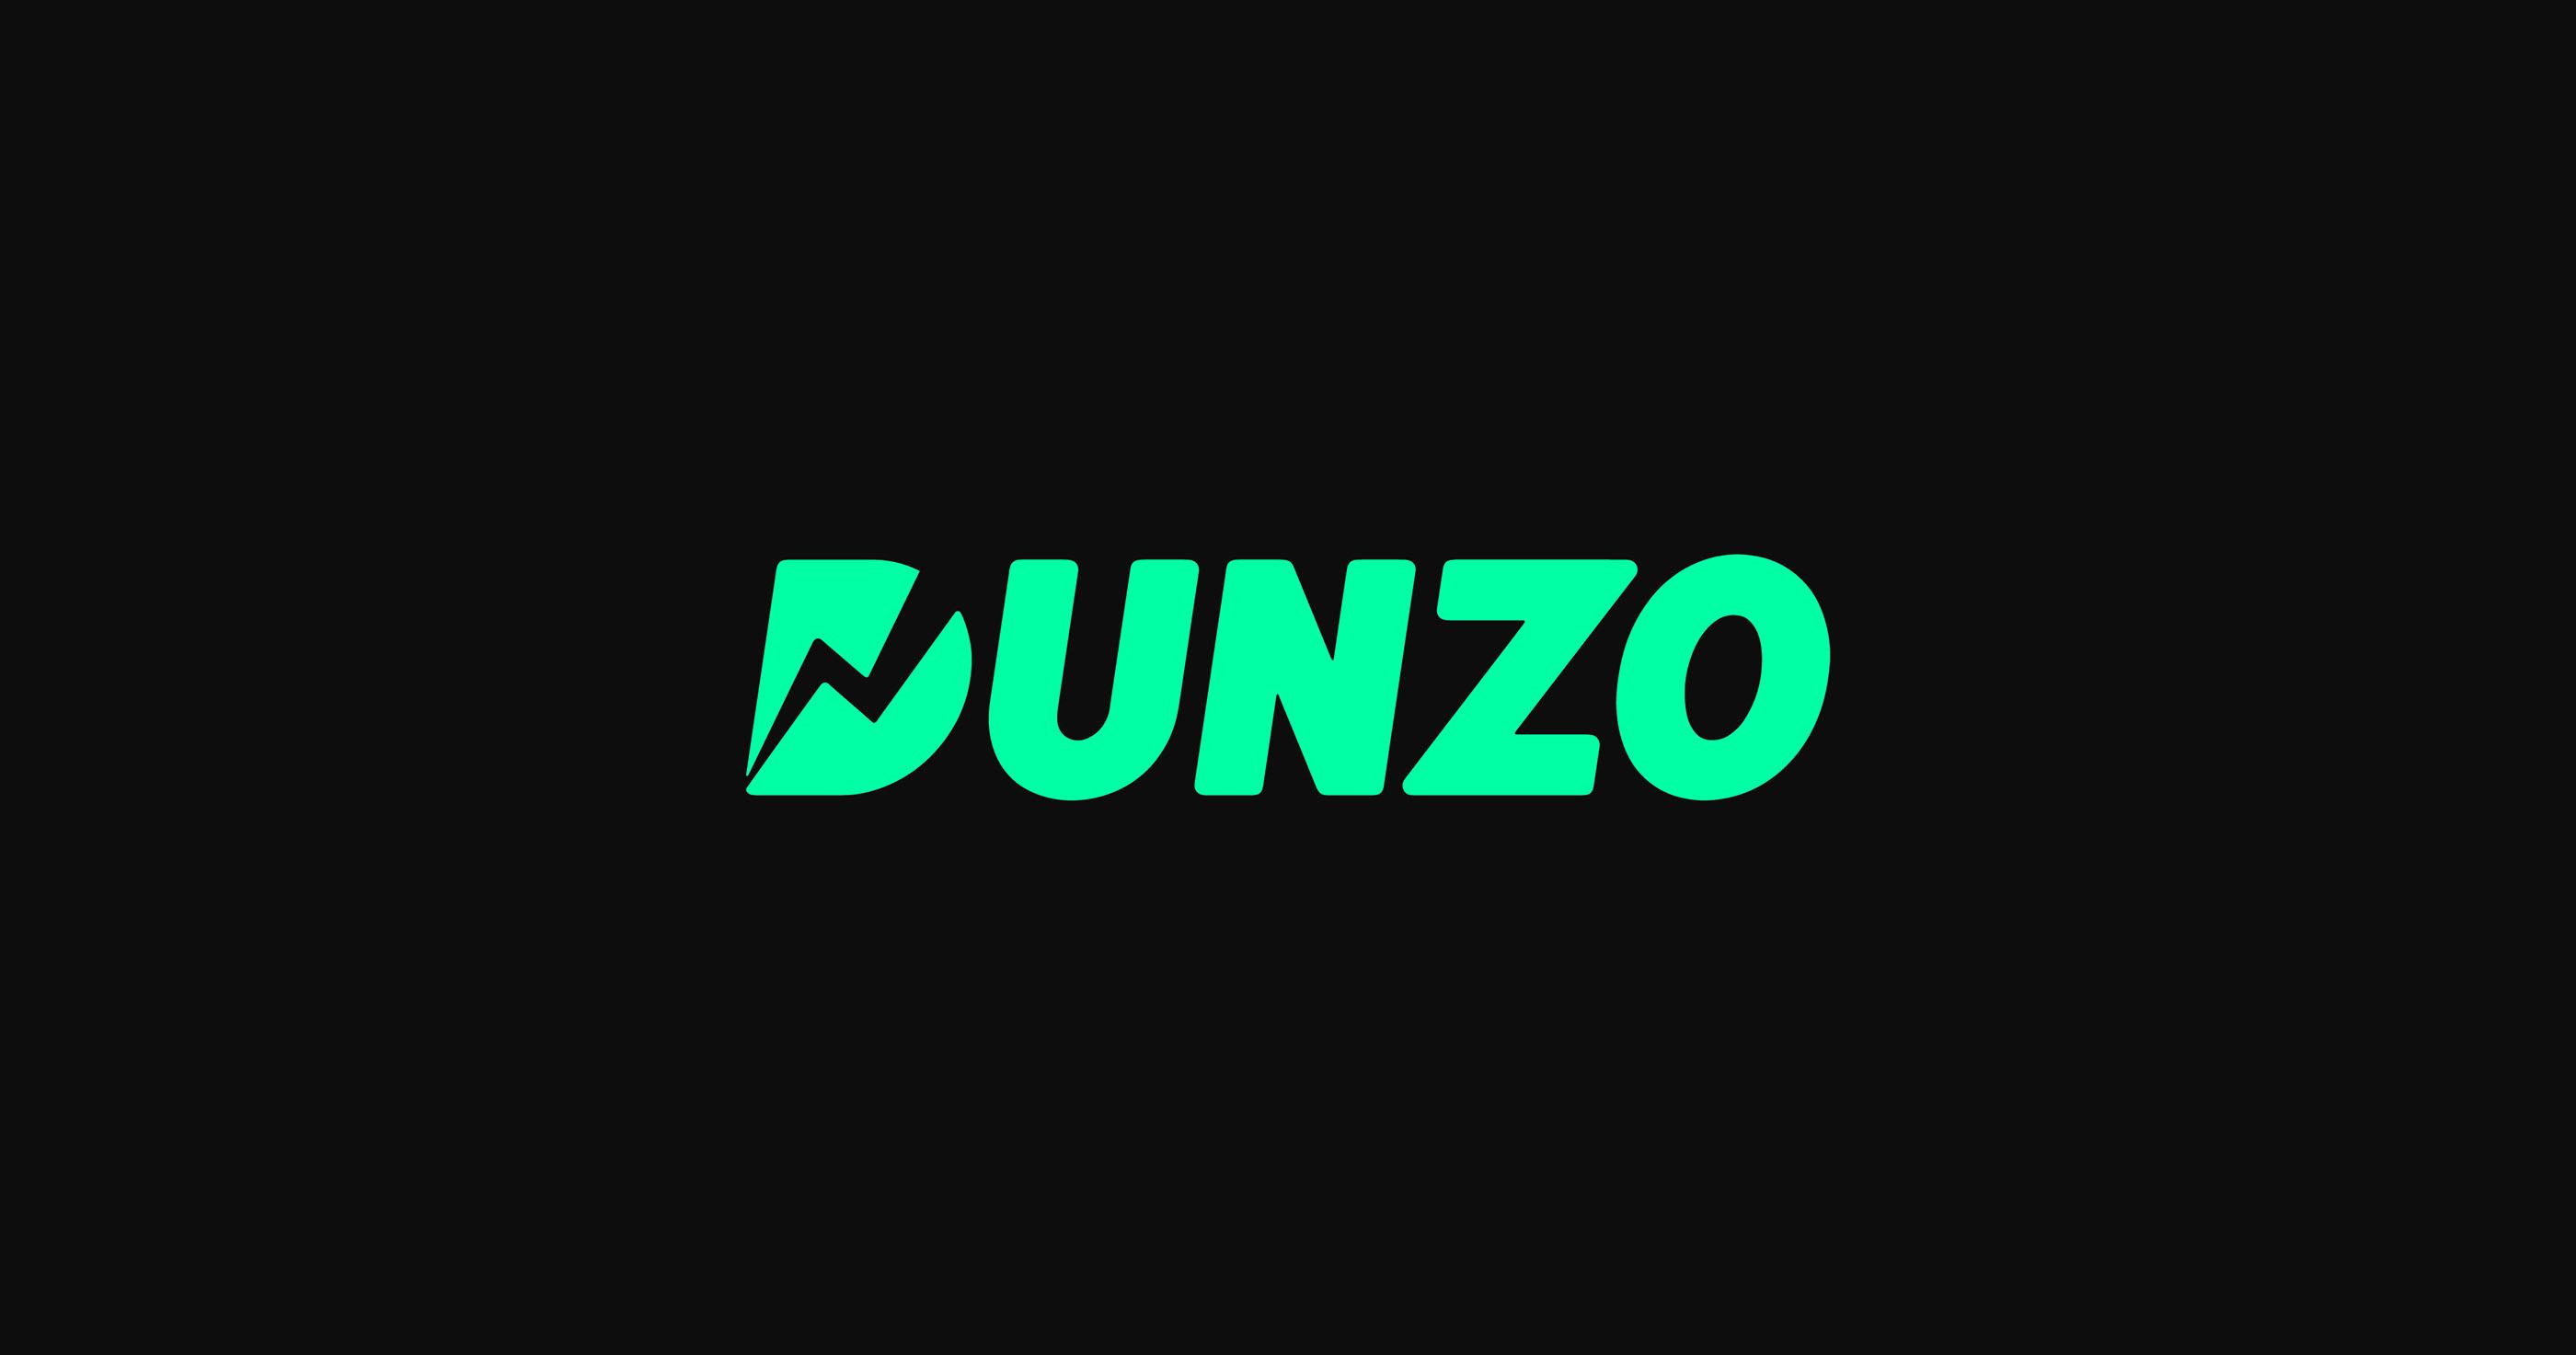 DUNZO - Rebranding on Behance